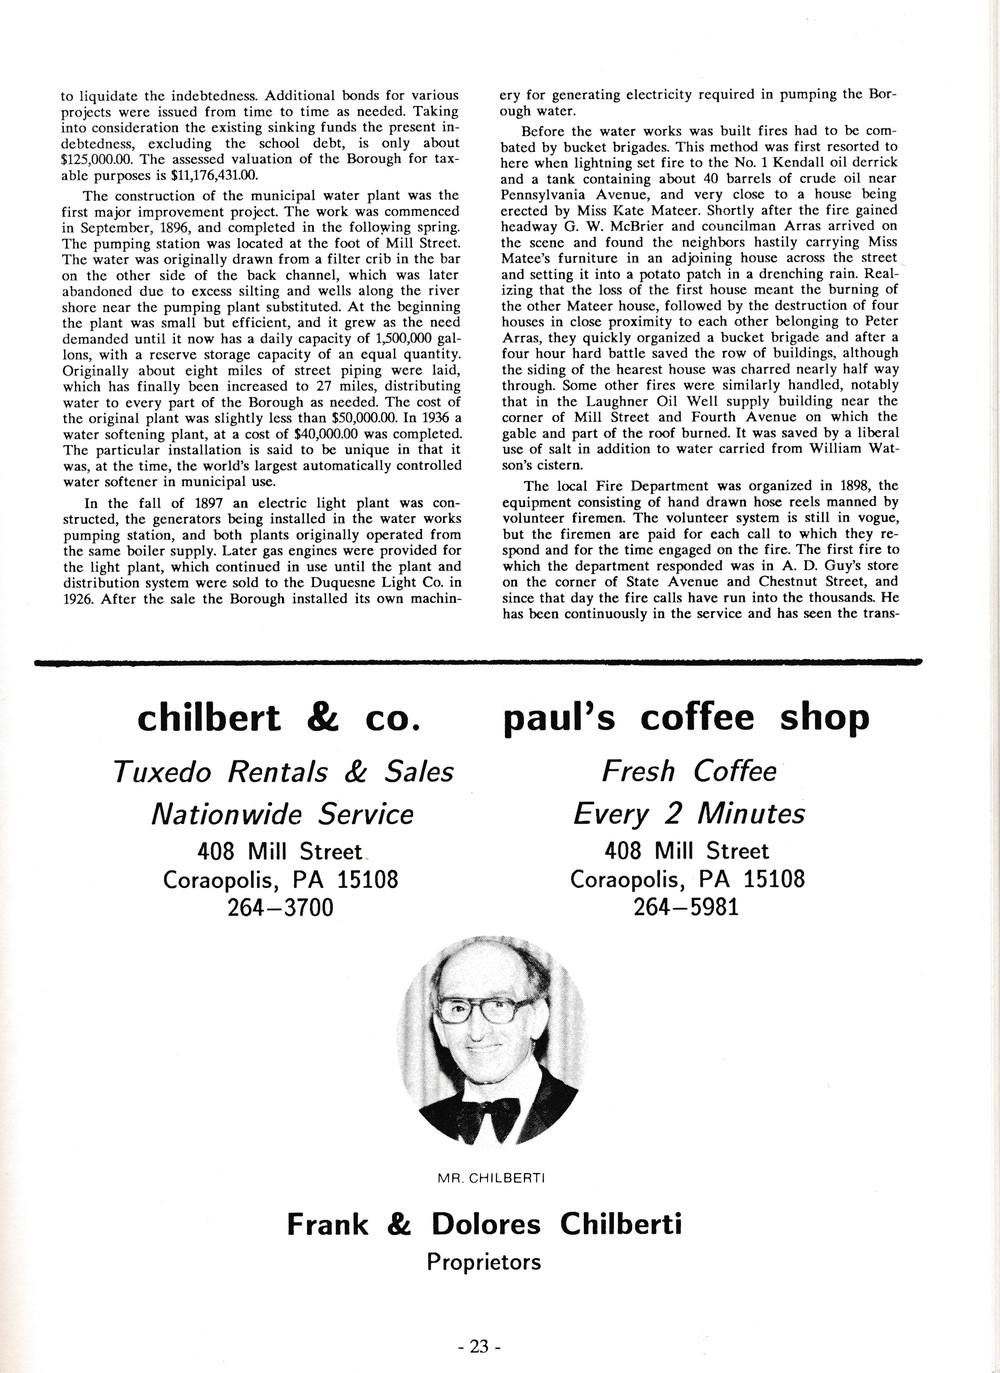 Coraopolis Centennial Booklet (25).jpg